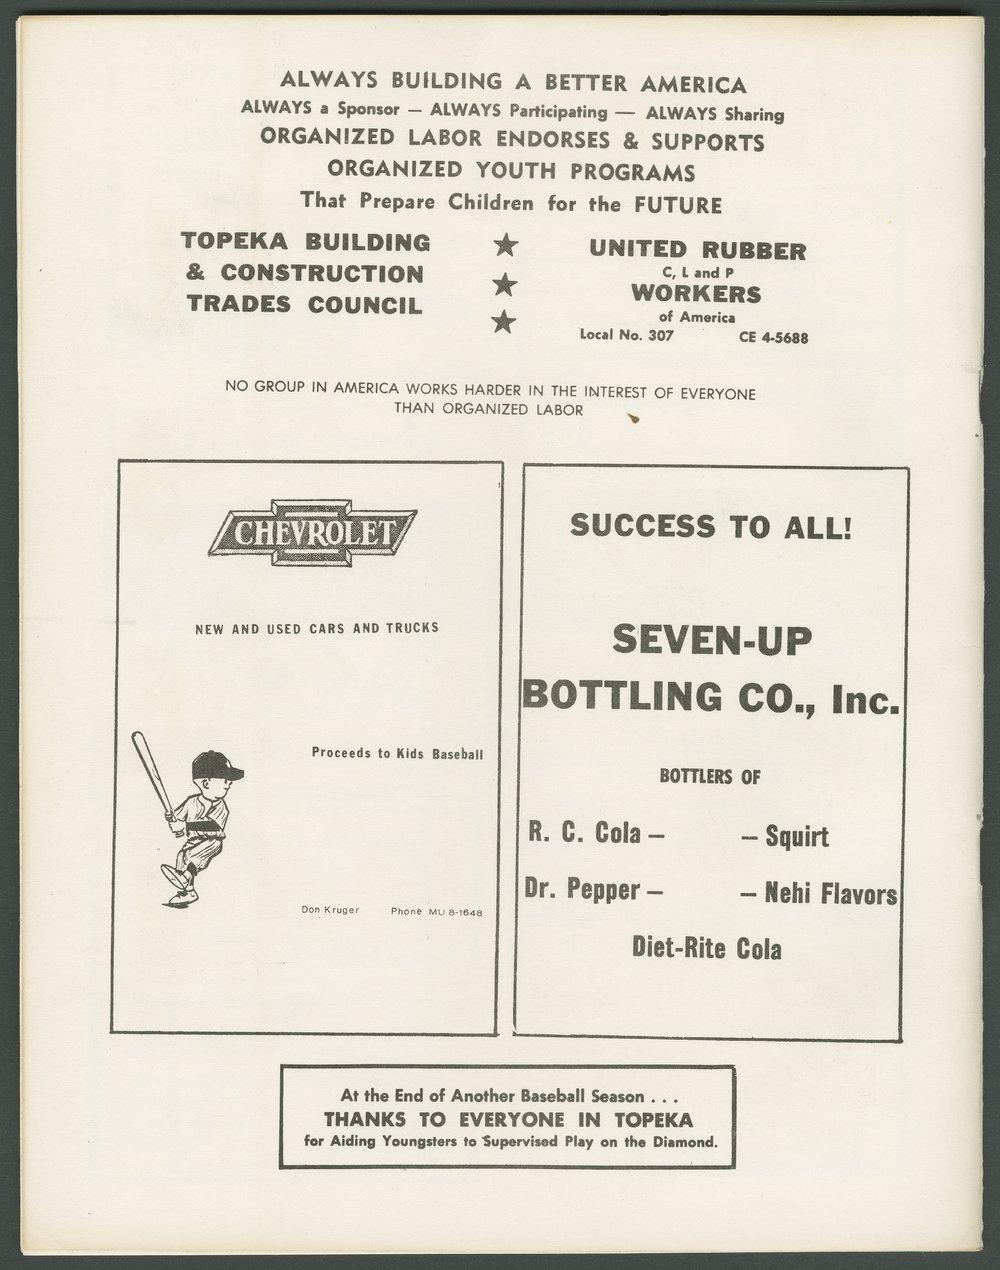 1969 SCABA baseball yearbook, Topeka, Kansas - 48